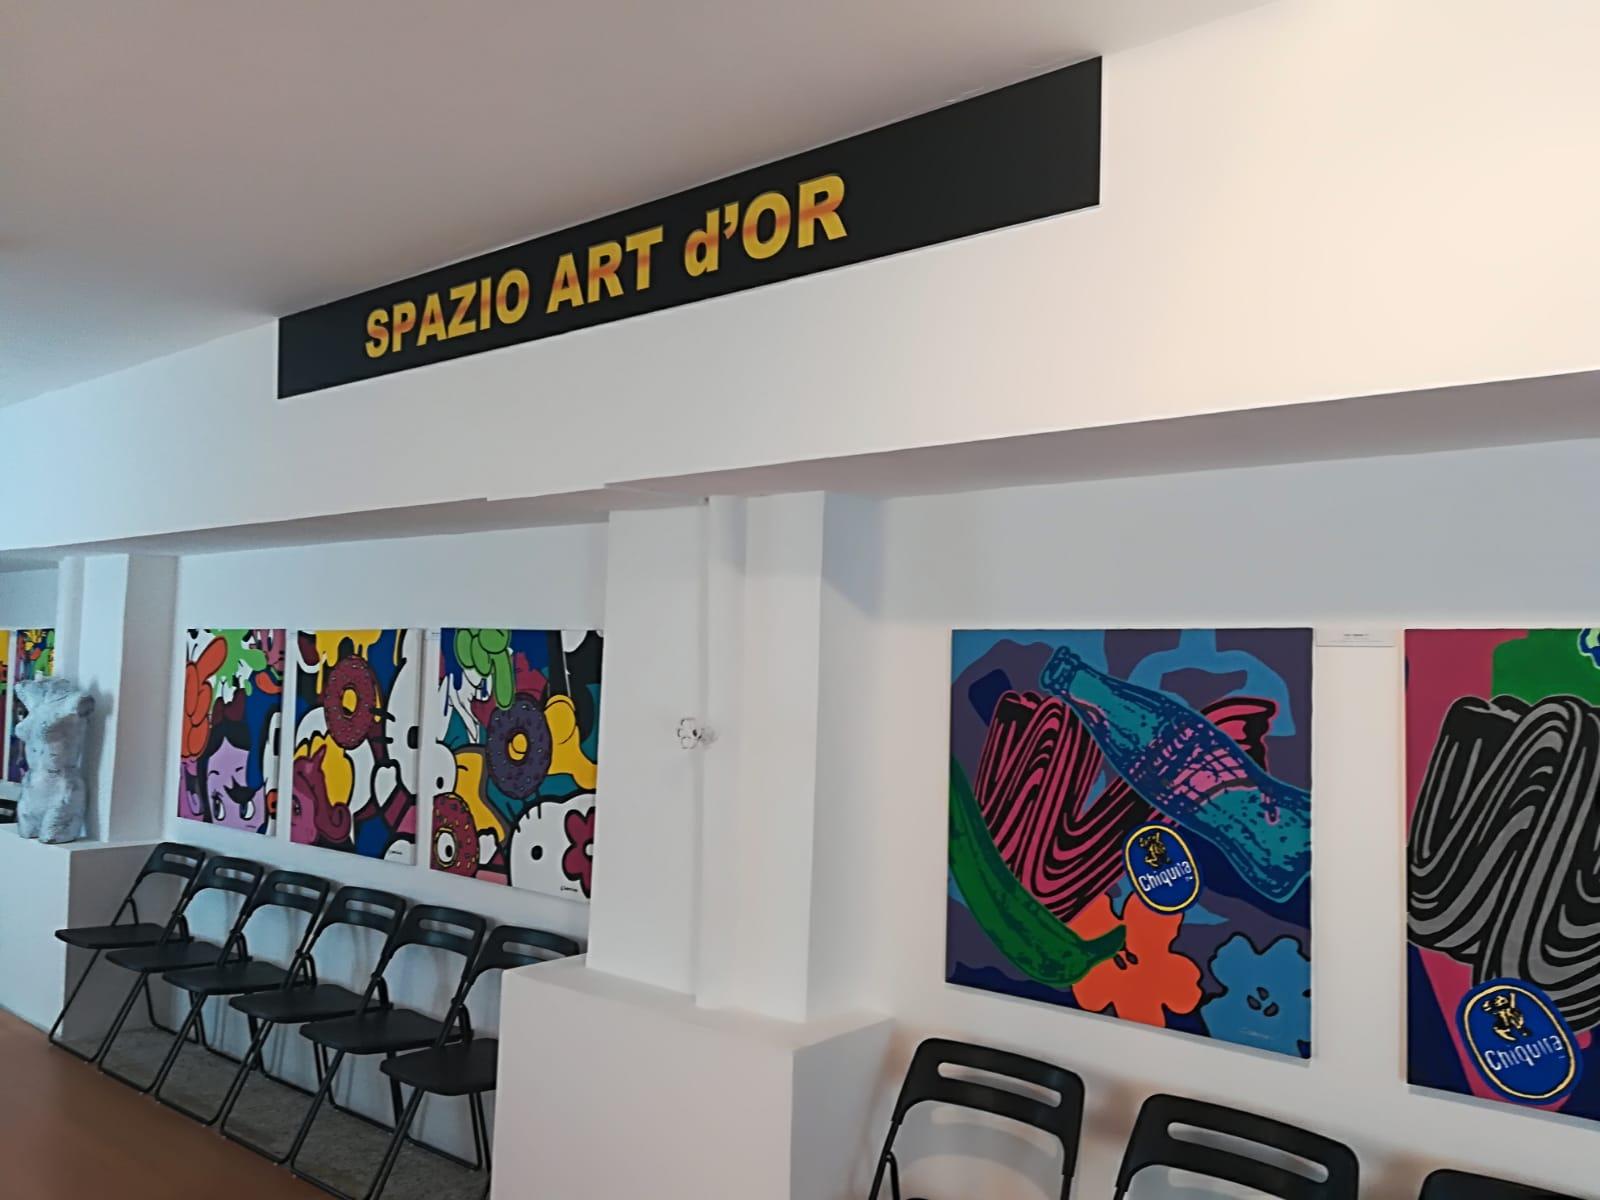 Spazio Art d'OR inaugura a Bari domenica 18 ottobre